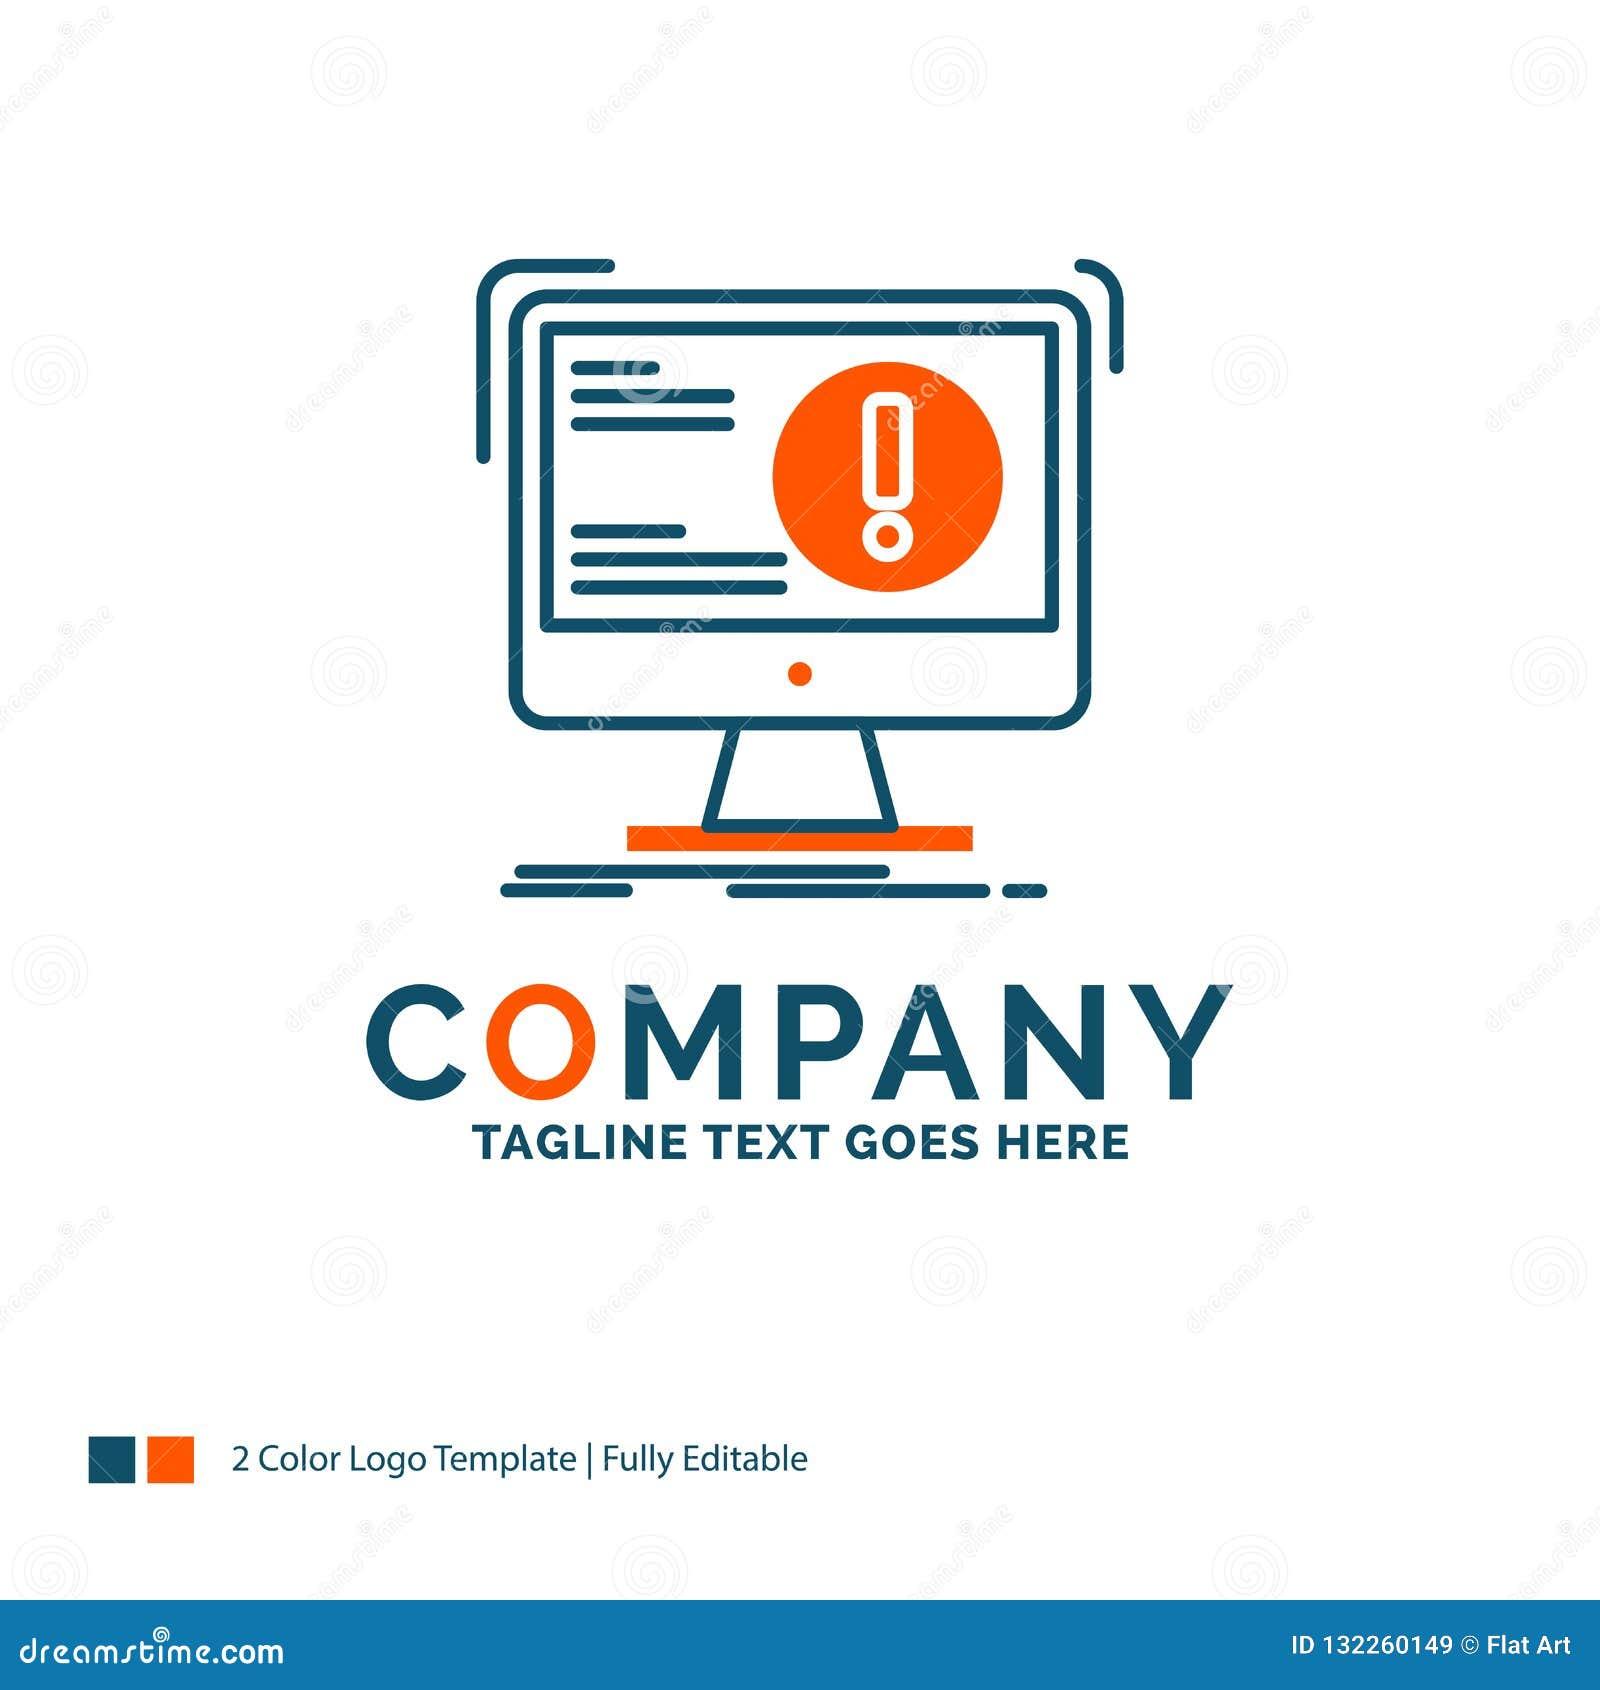 21a251b72 Alarma, antivirus, ataque, ordenador, virus Logo Design Diseño azul y  anaranjado de la marca Lugar para el Tagline Plantilla del logotipo del  negocio